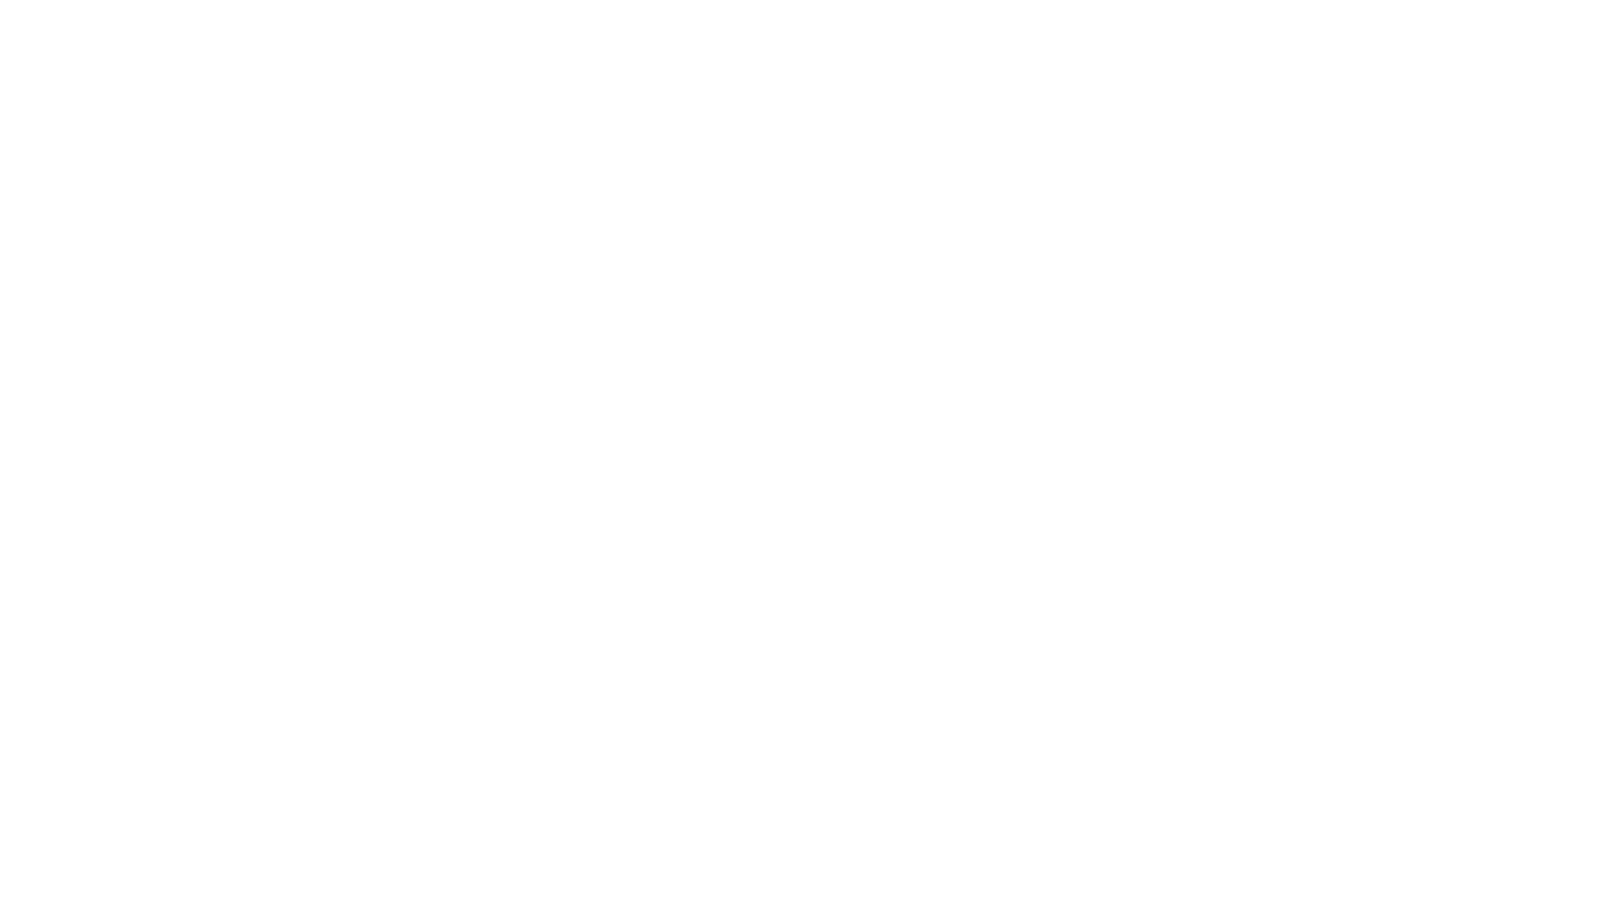 Abbiamo parlato, in diretta Facebook, di 𝗰𝗼𝗺𝗲 𝗰𝗮𝗺𝗯𝗶𝗮 𝗶𝗹 𝗺𝗼𝗻𝗱𝗼 𝗱𝗲𝗹 𝘄𝗲𝗯 𝗲 𝗹𝗲 𝗼𝗽𝗽𝗼𝗿𝘁𝘂𝗻𝗶𝘁𝗮̀ 𝗰𝗵𝗲 𝗼𝗳𝗳𝗿𝗼𝗻𝗼 𝘀𝗼𝗰𝗶𝗮𝗹 𝗺𝗲𝗱𝗶𝗮 𝗲 𝗱𝗶𝗴𝗶𝘁𝗮𝗹𝗶𝘇𝘇𝗮𝘇𝗶𝗼𝗻𝗲 𝗶𝗻 𝘀𝗲𝗴𝘂𝗶𝘁𝗼 𝗮𝗹𝗹'𝗲𝗺𝗲𝗿𝗴𝗲𝗻𝘇𝗮 𝗰𝗼𝗿𝗼𝗻𝗮𝘃𝗶𝗿𝘂𝘀 con Nicola Savino, CEO di Savino Solution Srl e Martina Cian, Tesoriere e Social Media Manager di Associazione Moby Dick. Ha moderato, la giornalista, Maria Carla Ciancio. #intervistadoppia #SavinoSolution #MobyDickETS